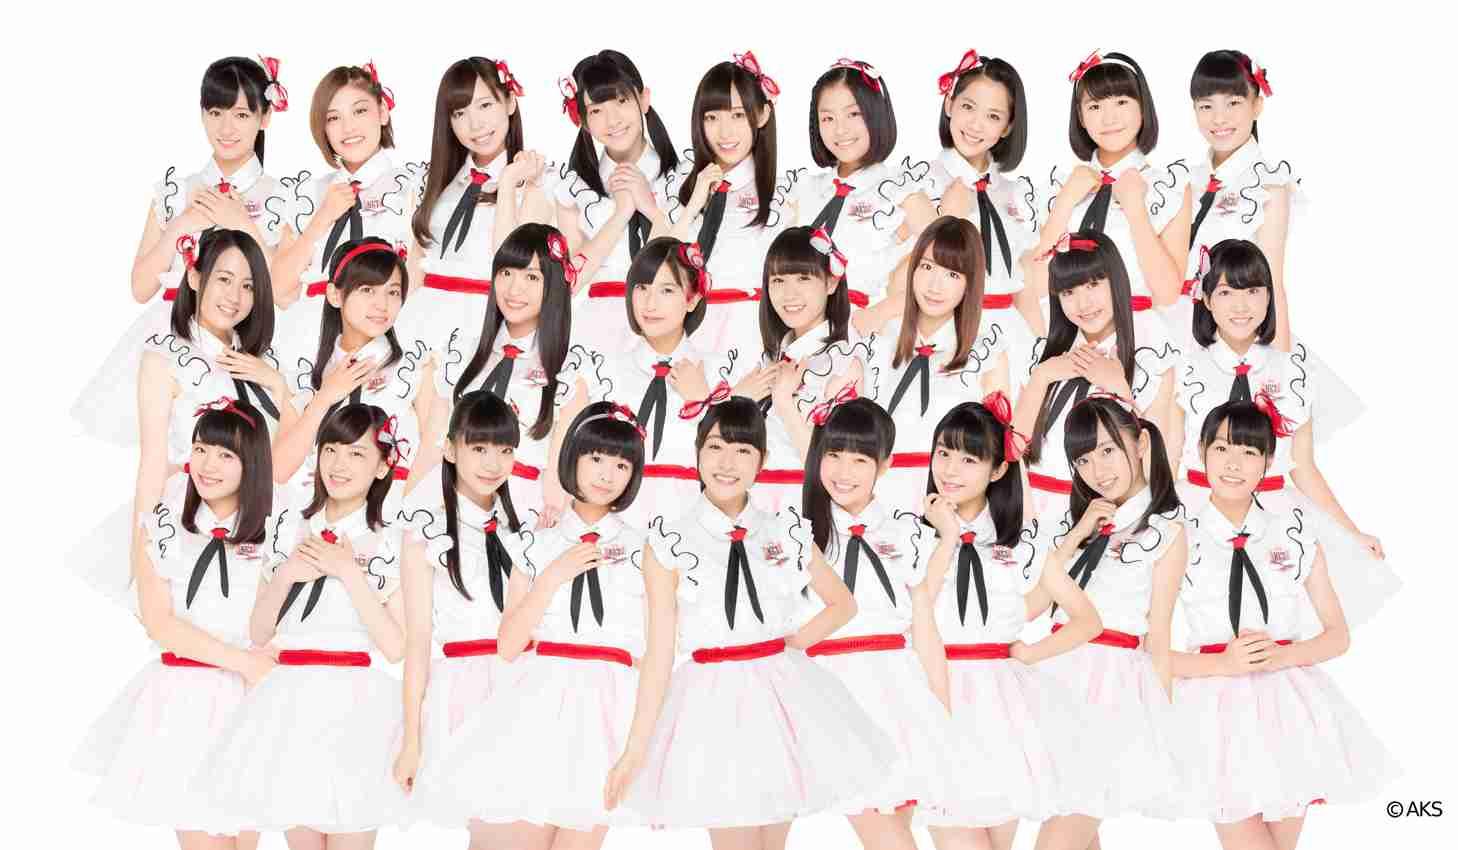 NMB48、ライブ客席の半分が空席…人気も雰囲気も最悪、展望なく卒業すらできず